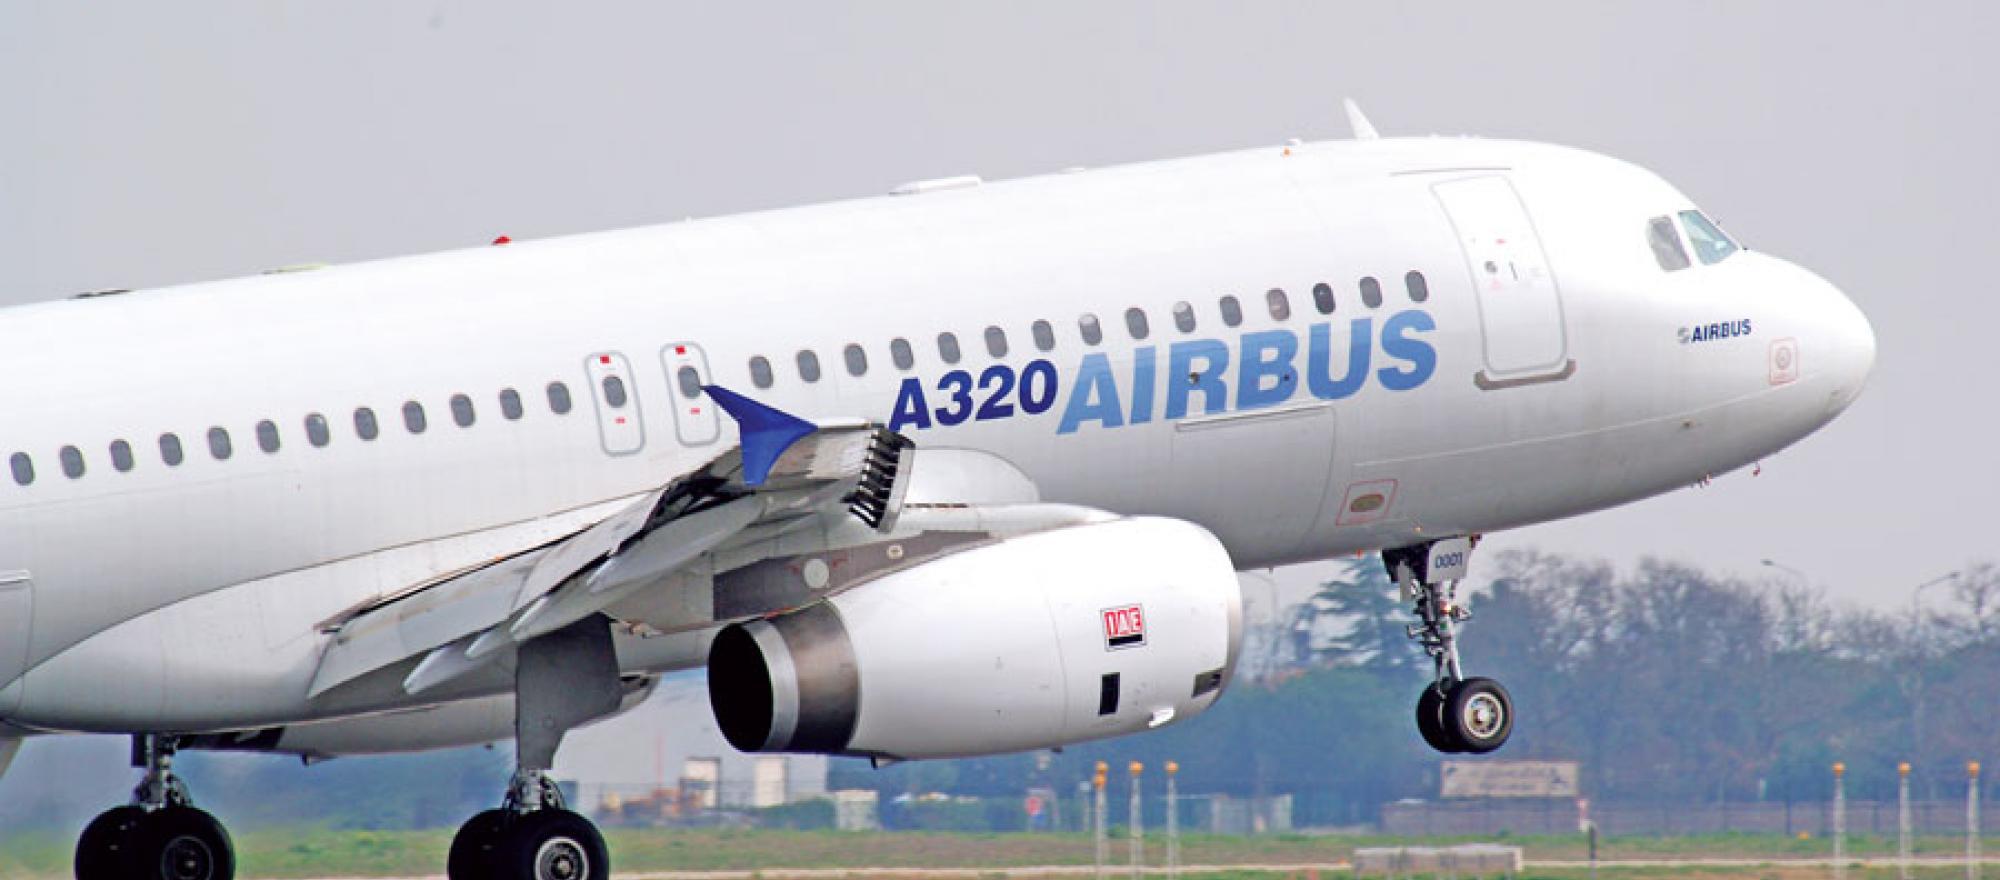 Airbus acuerda vender a Aegean 30 aviones por unos $3,500 millones